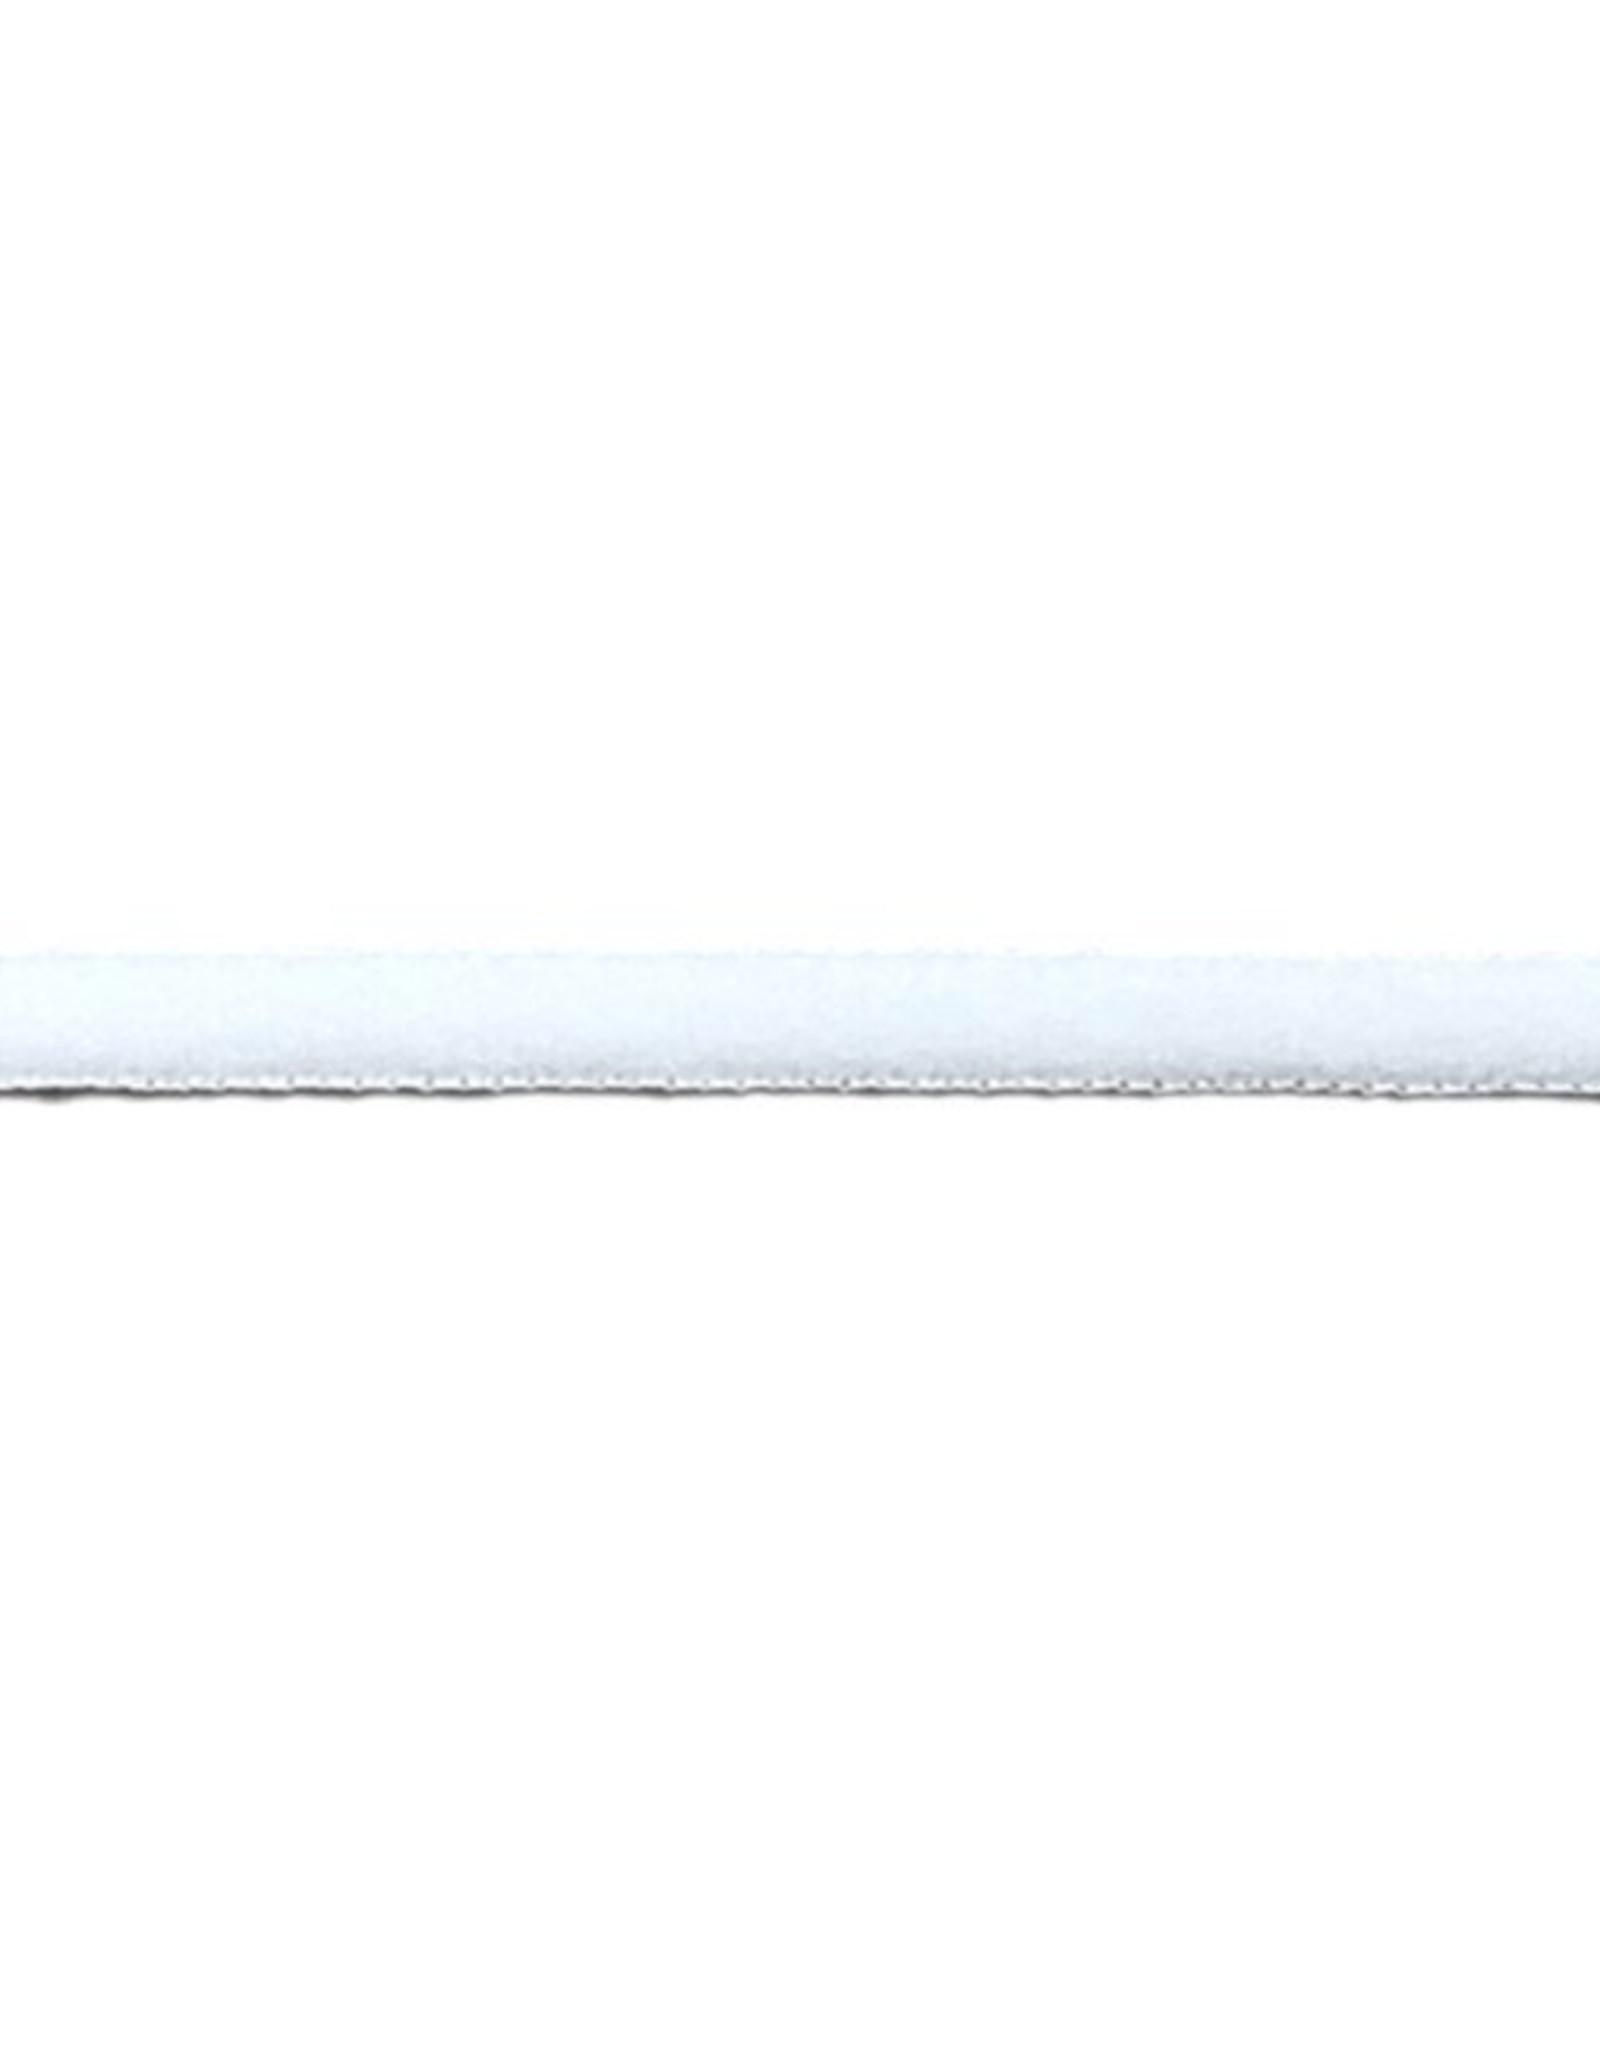 Ronde elastiek 5mm (per meter)